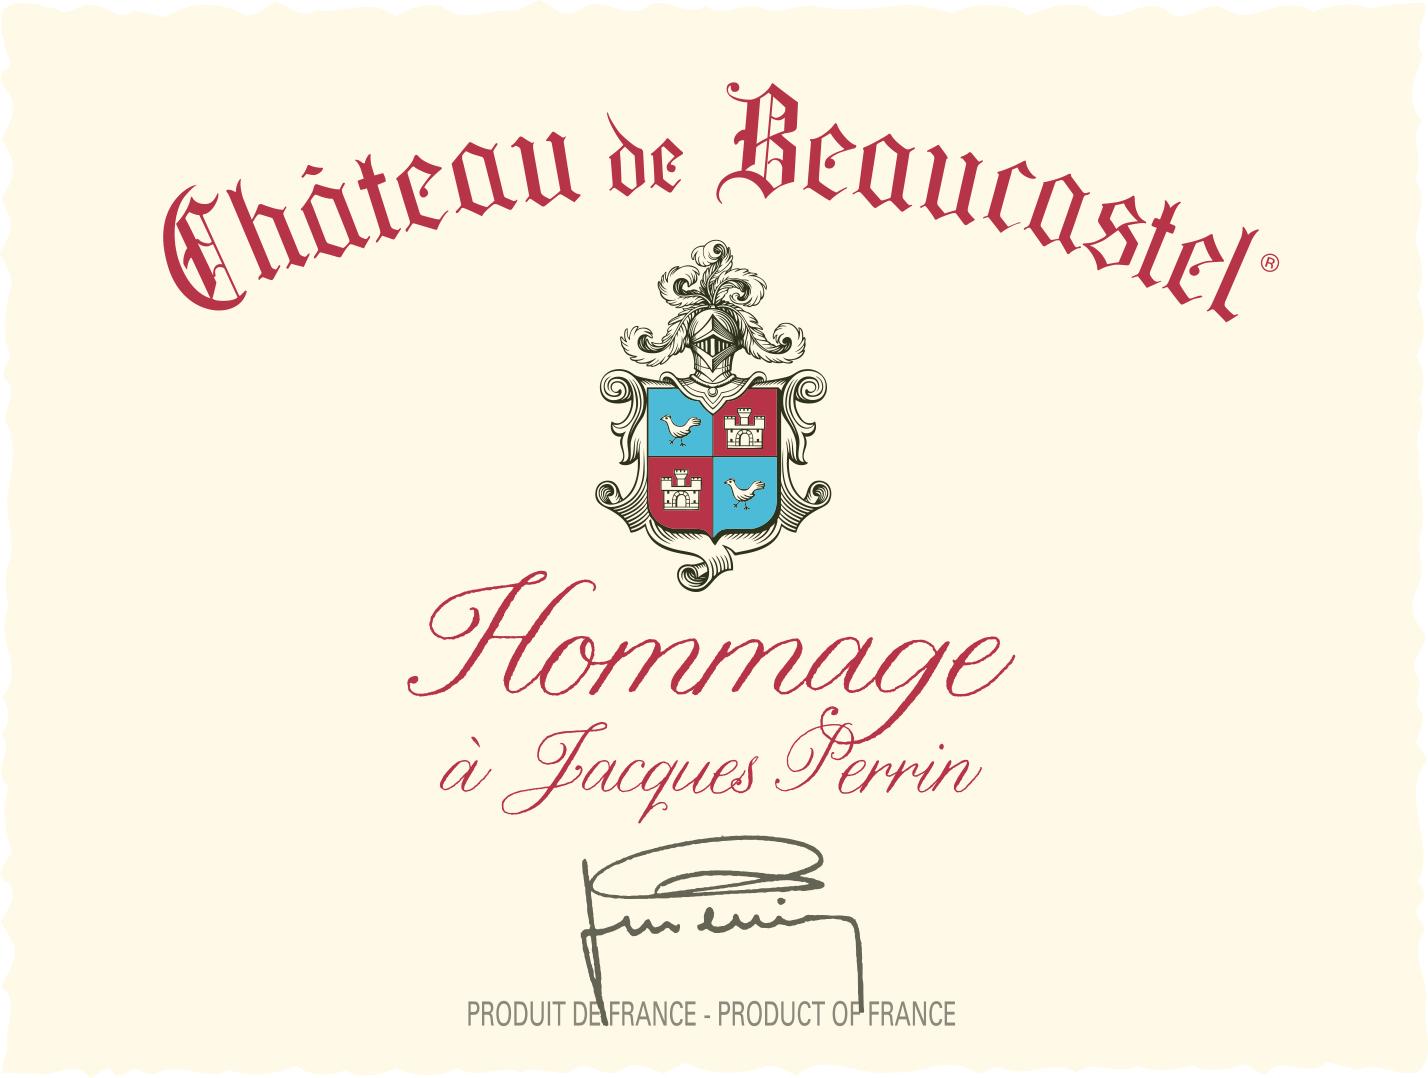 2001 Chateau de Beaucastel Chateauneuf-du-Pape Hommage a Jacques Perrin